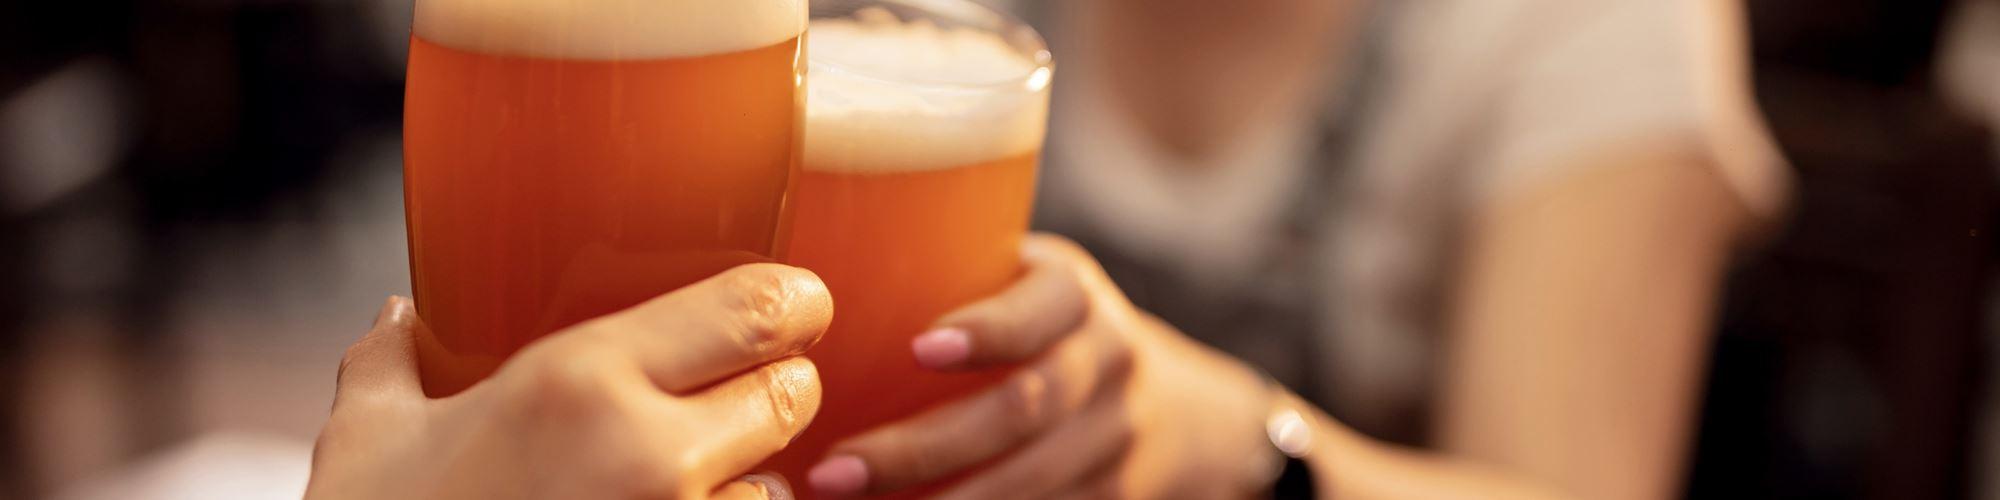 Cervejas portuguesas entre as melhores do mundo